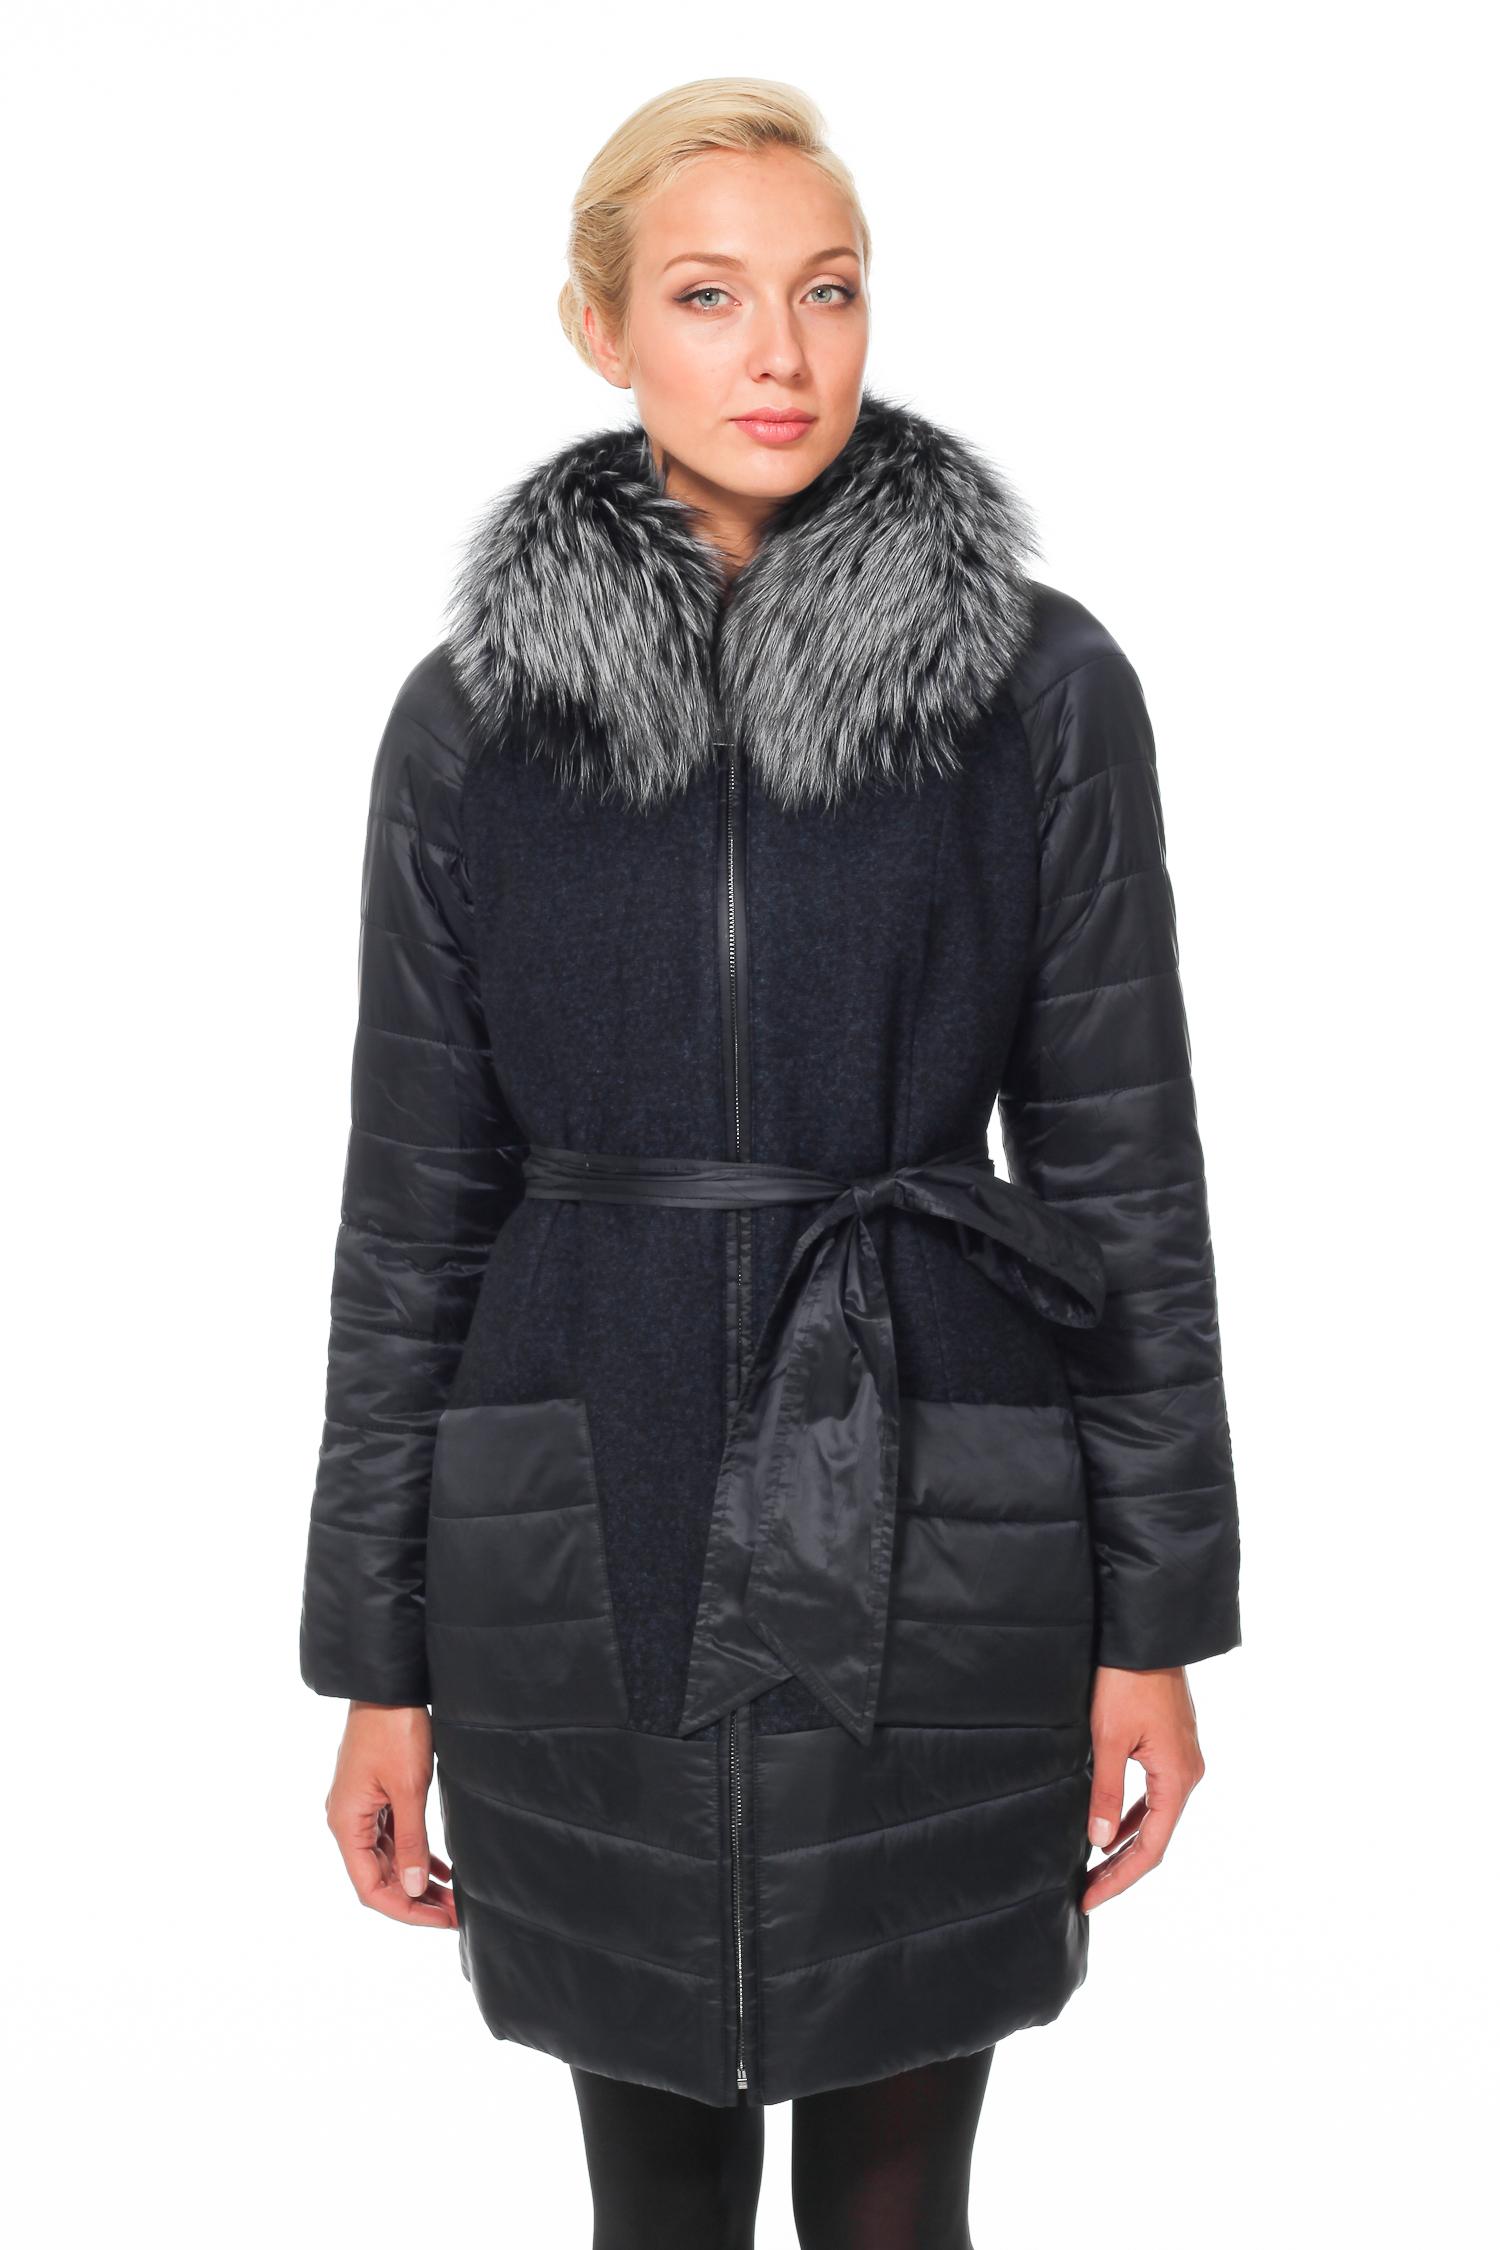 Женское пальто с воротником  - текстиль, отделка чернобурка<br><br>Воротник: отложной<br>Длина см: Длинная (свыше 90)<br>Материал: Шерсть<br>Цвет: синий<br>Вид застежки: центральная<br>Застежка: на молнии<br>Пол: Женский<br>Размер RU: 50